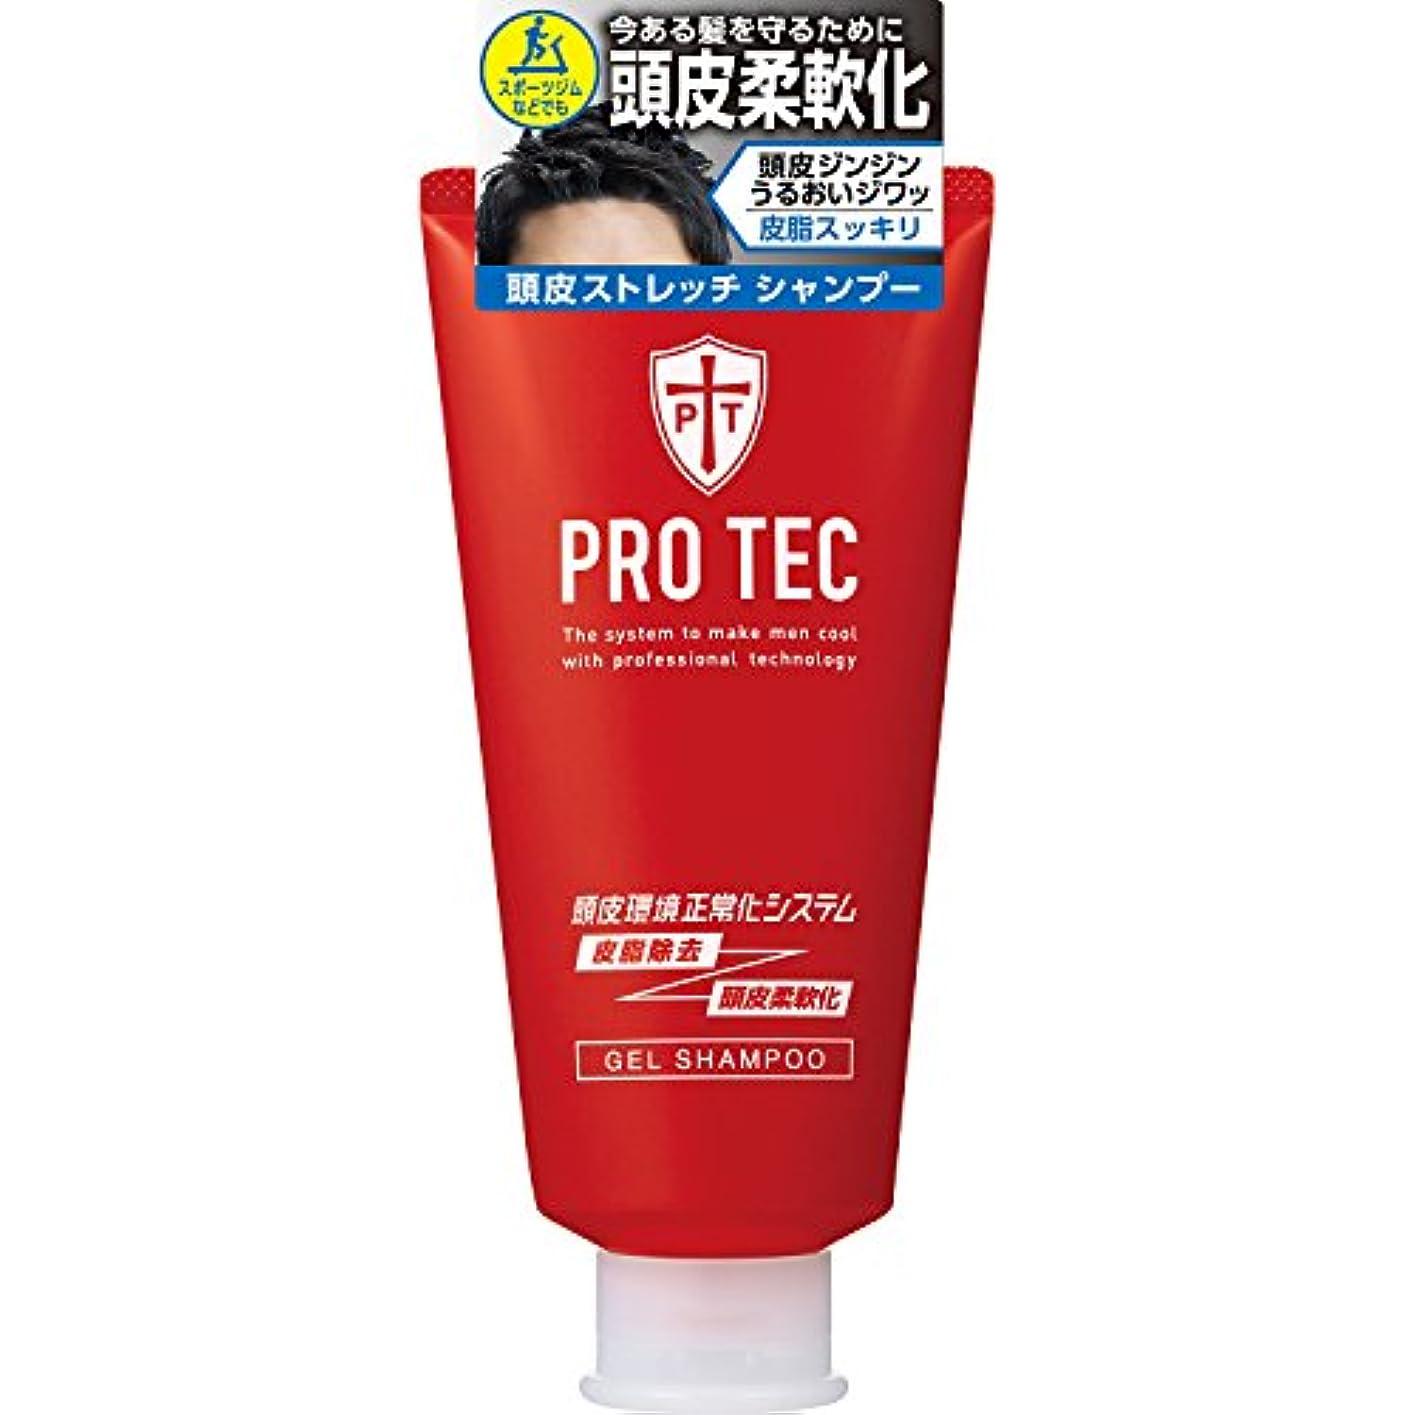 バリア近代化関係PRO TEC(プロテク) 頭皮ストレッチ シャンプー チューブ 150g(医薬部外品)